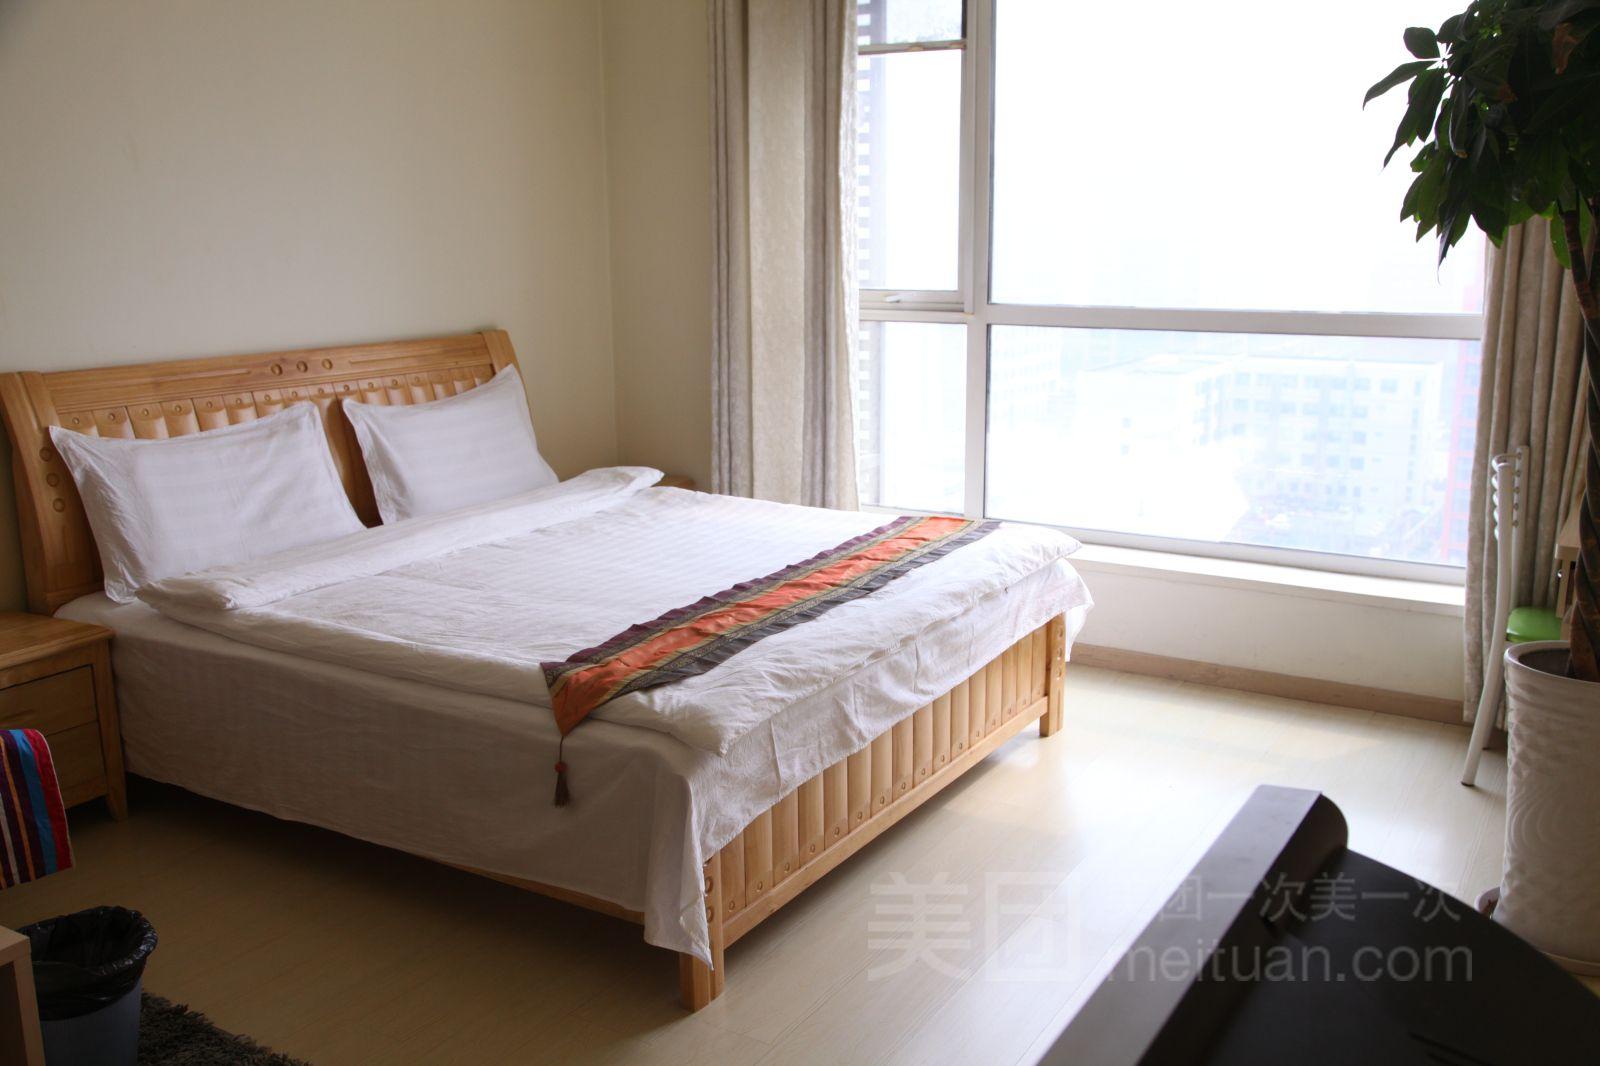 君享家度假公寓(后现代城店)预订/团购